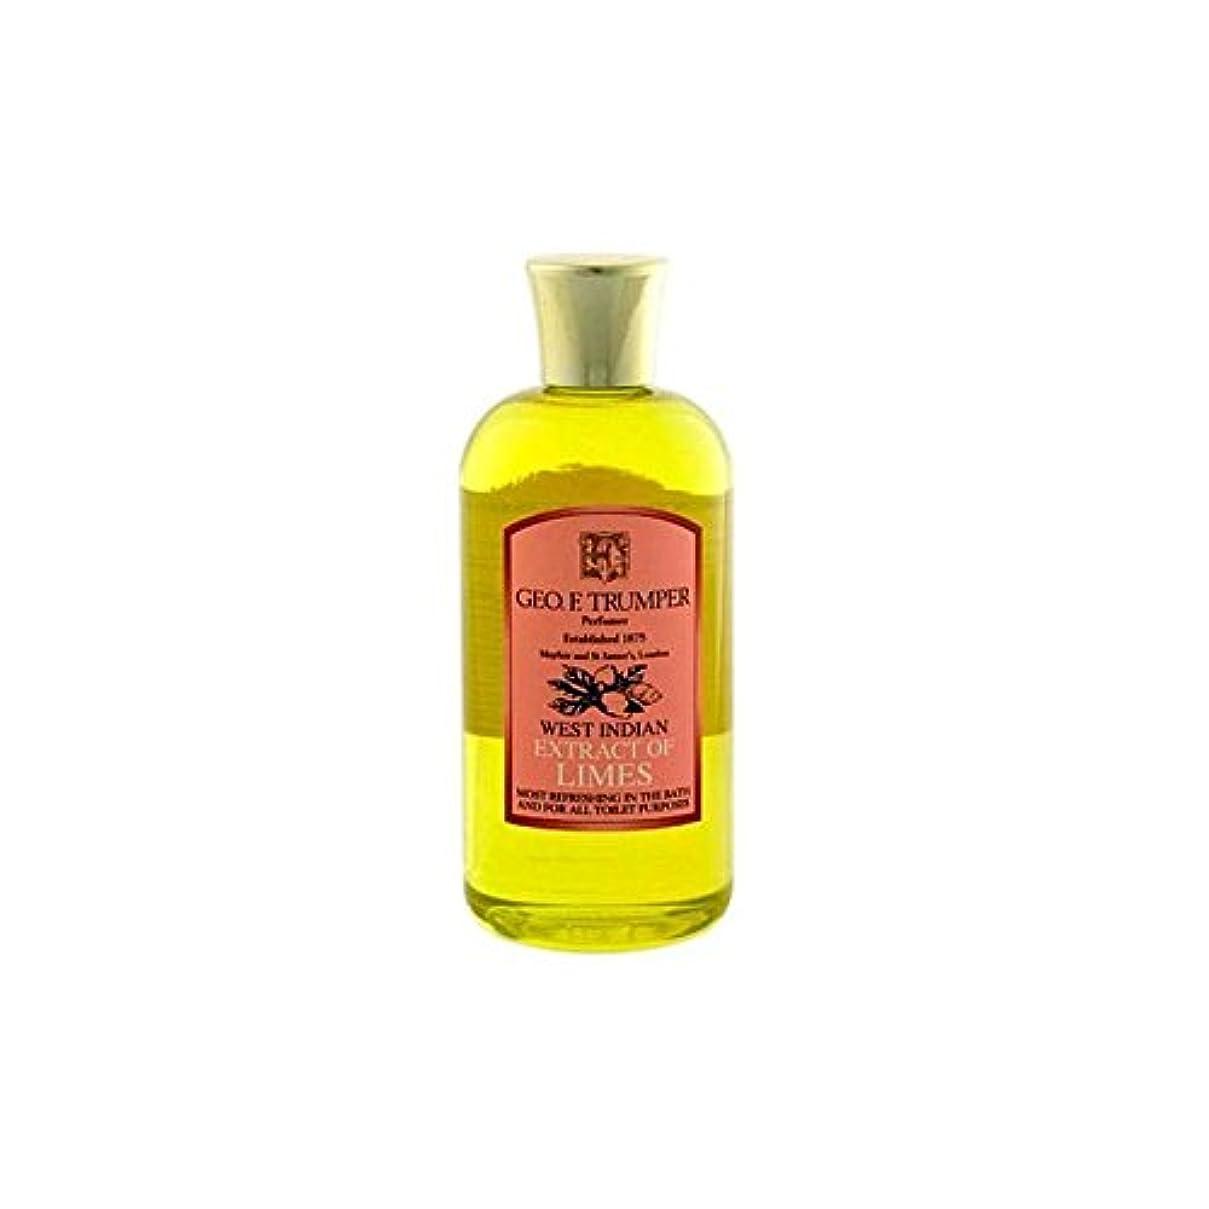 引退しただらしない突然ライムのバスタブとシャワージェル200の抽出物を x2 - Trumpers Extracts of Limes Bath and Shower Gel 200ml (Pack of 2) [並行輸入品]